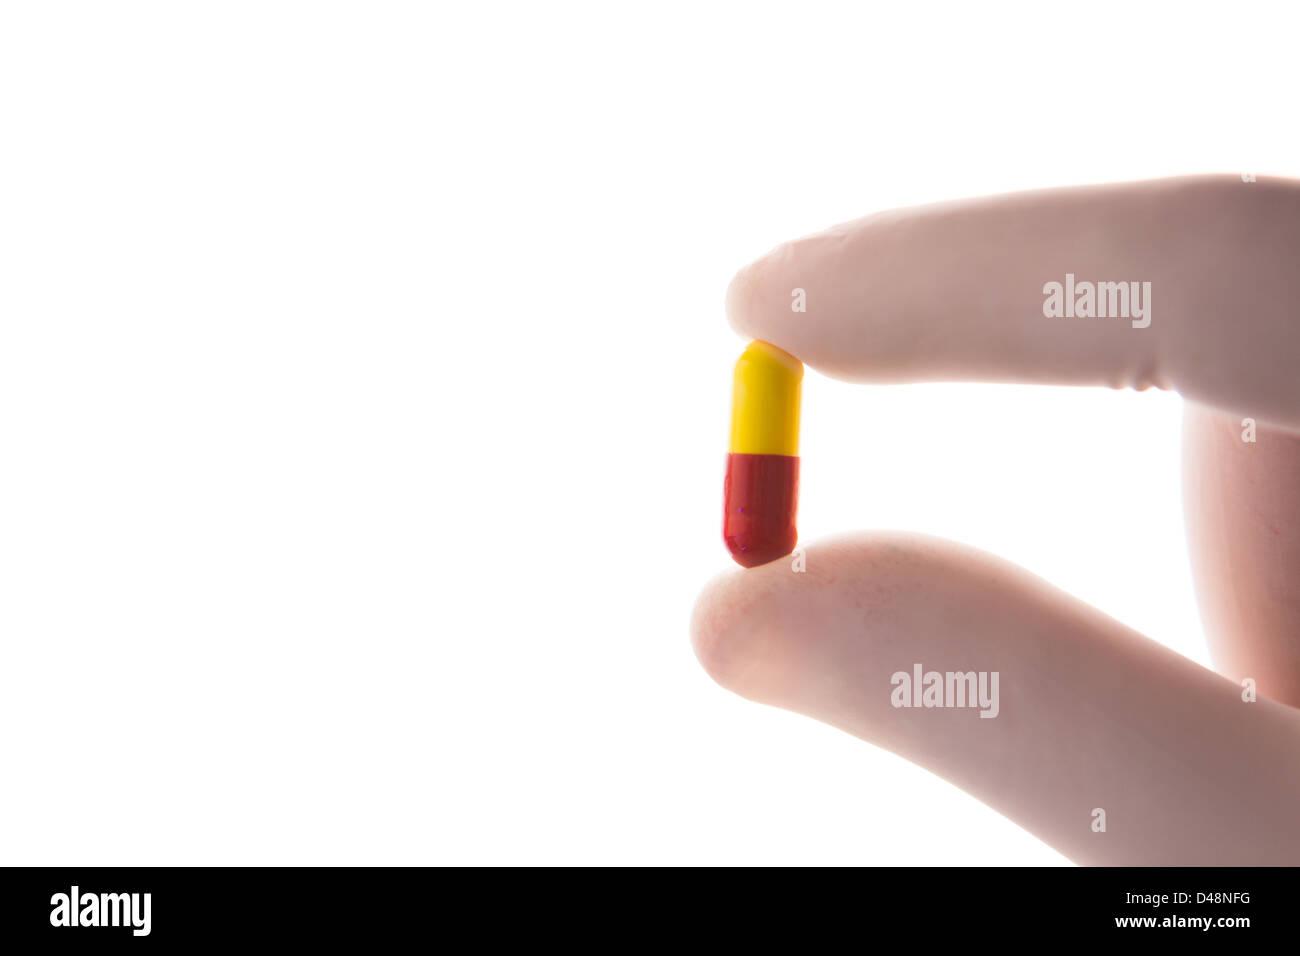 Mano enguantada sosteniendo cápsula tablet Foto de stock